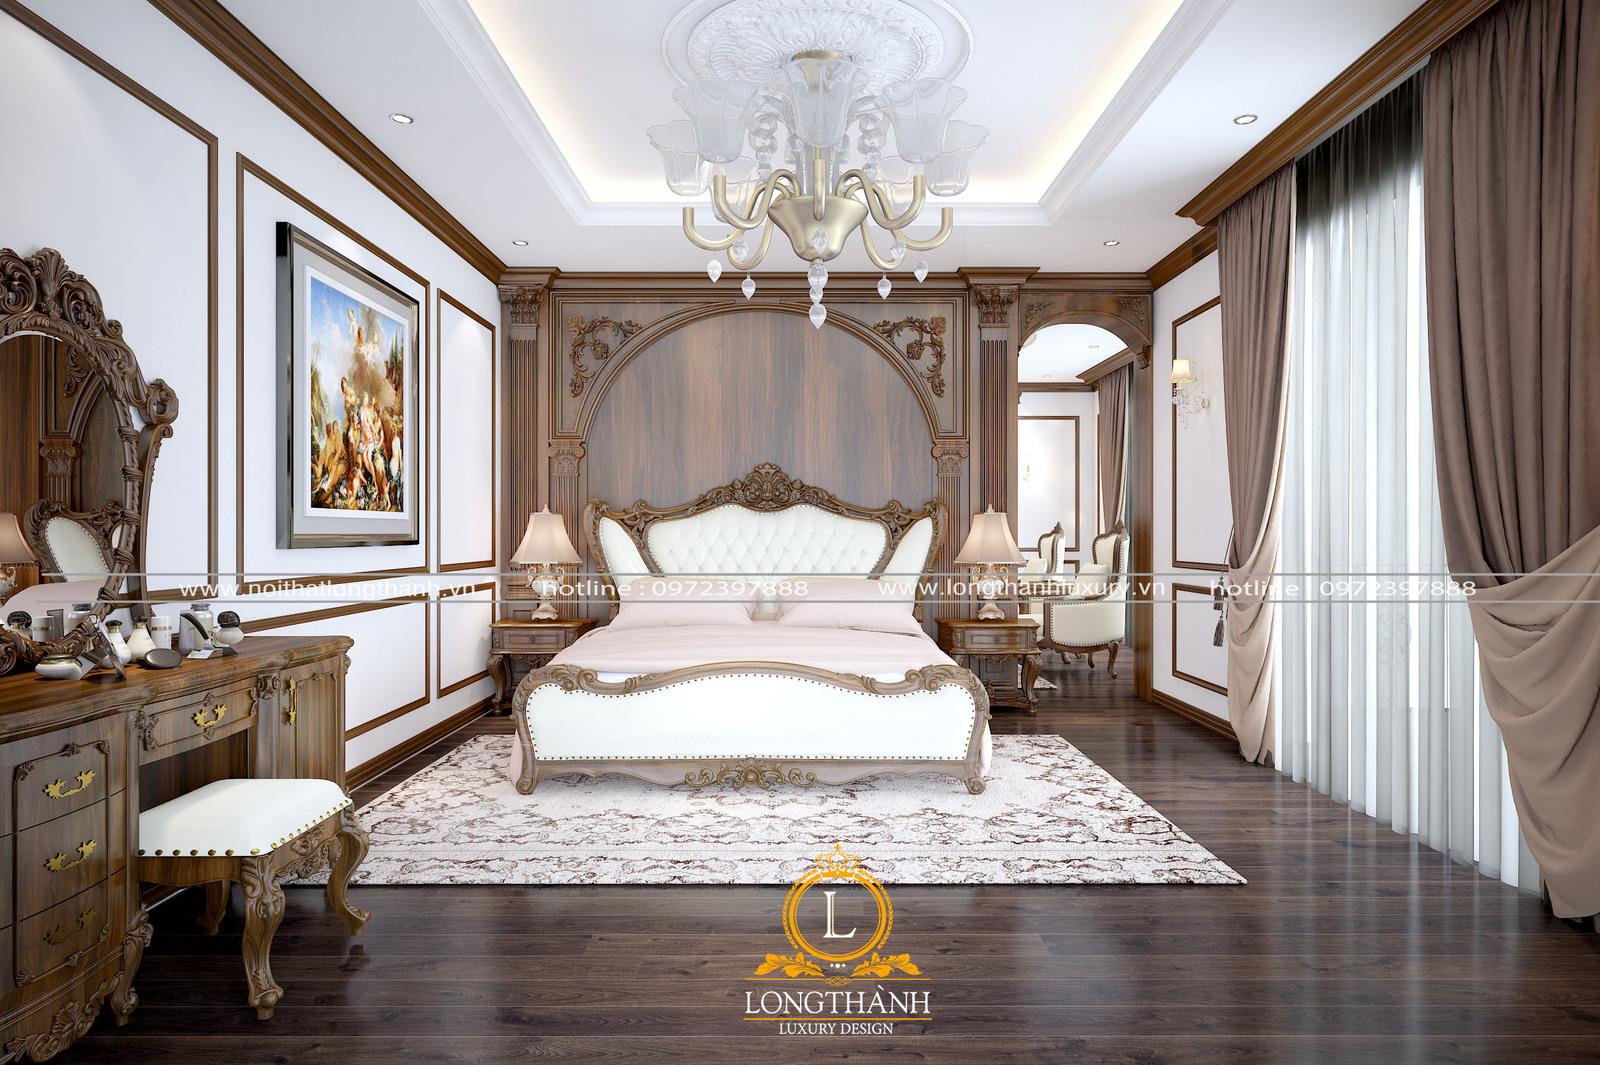 Thiết kế giường ngủ tân cổ điển sang trọng tinh tế